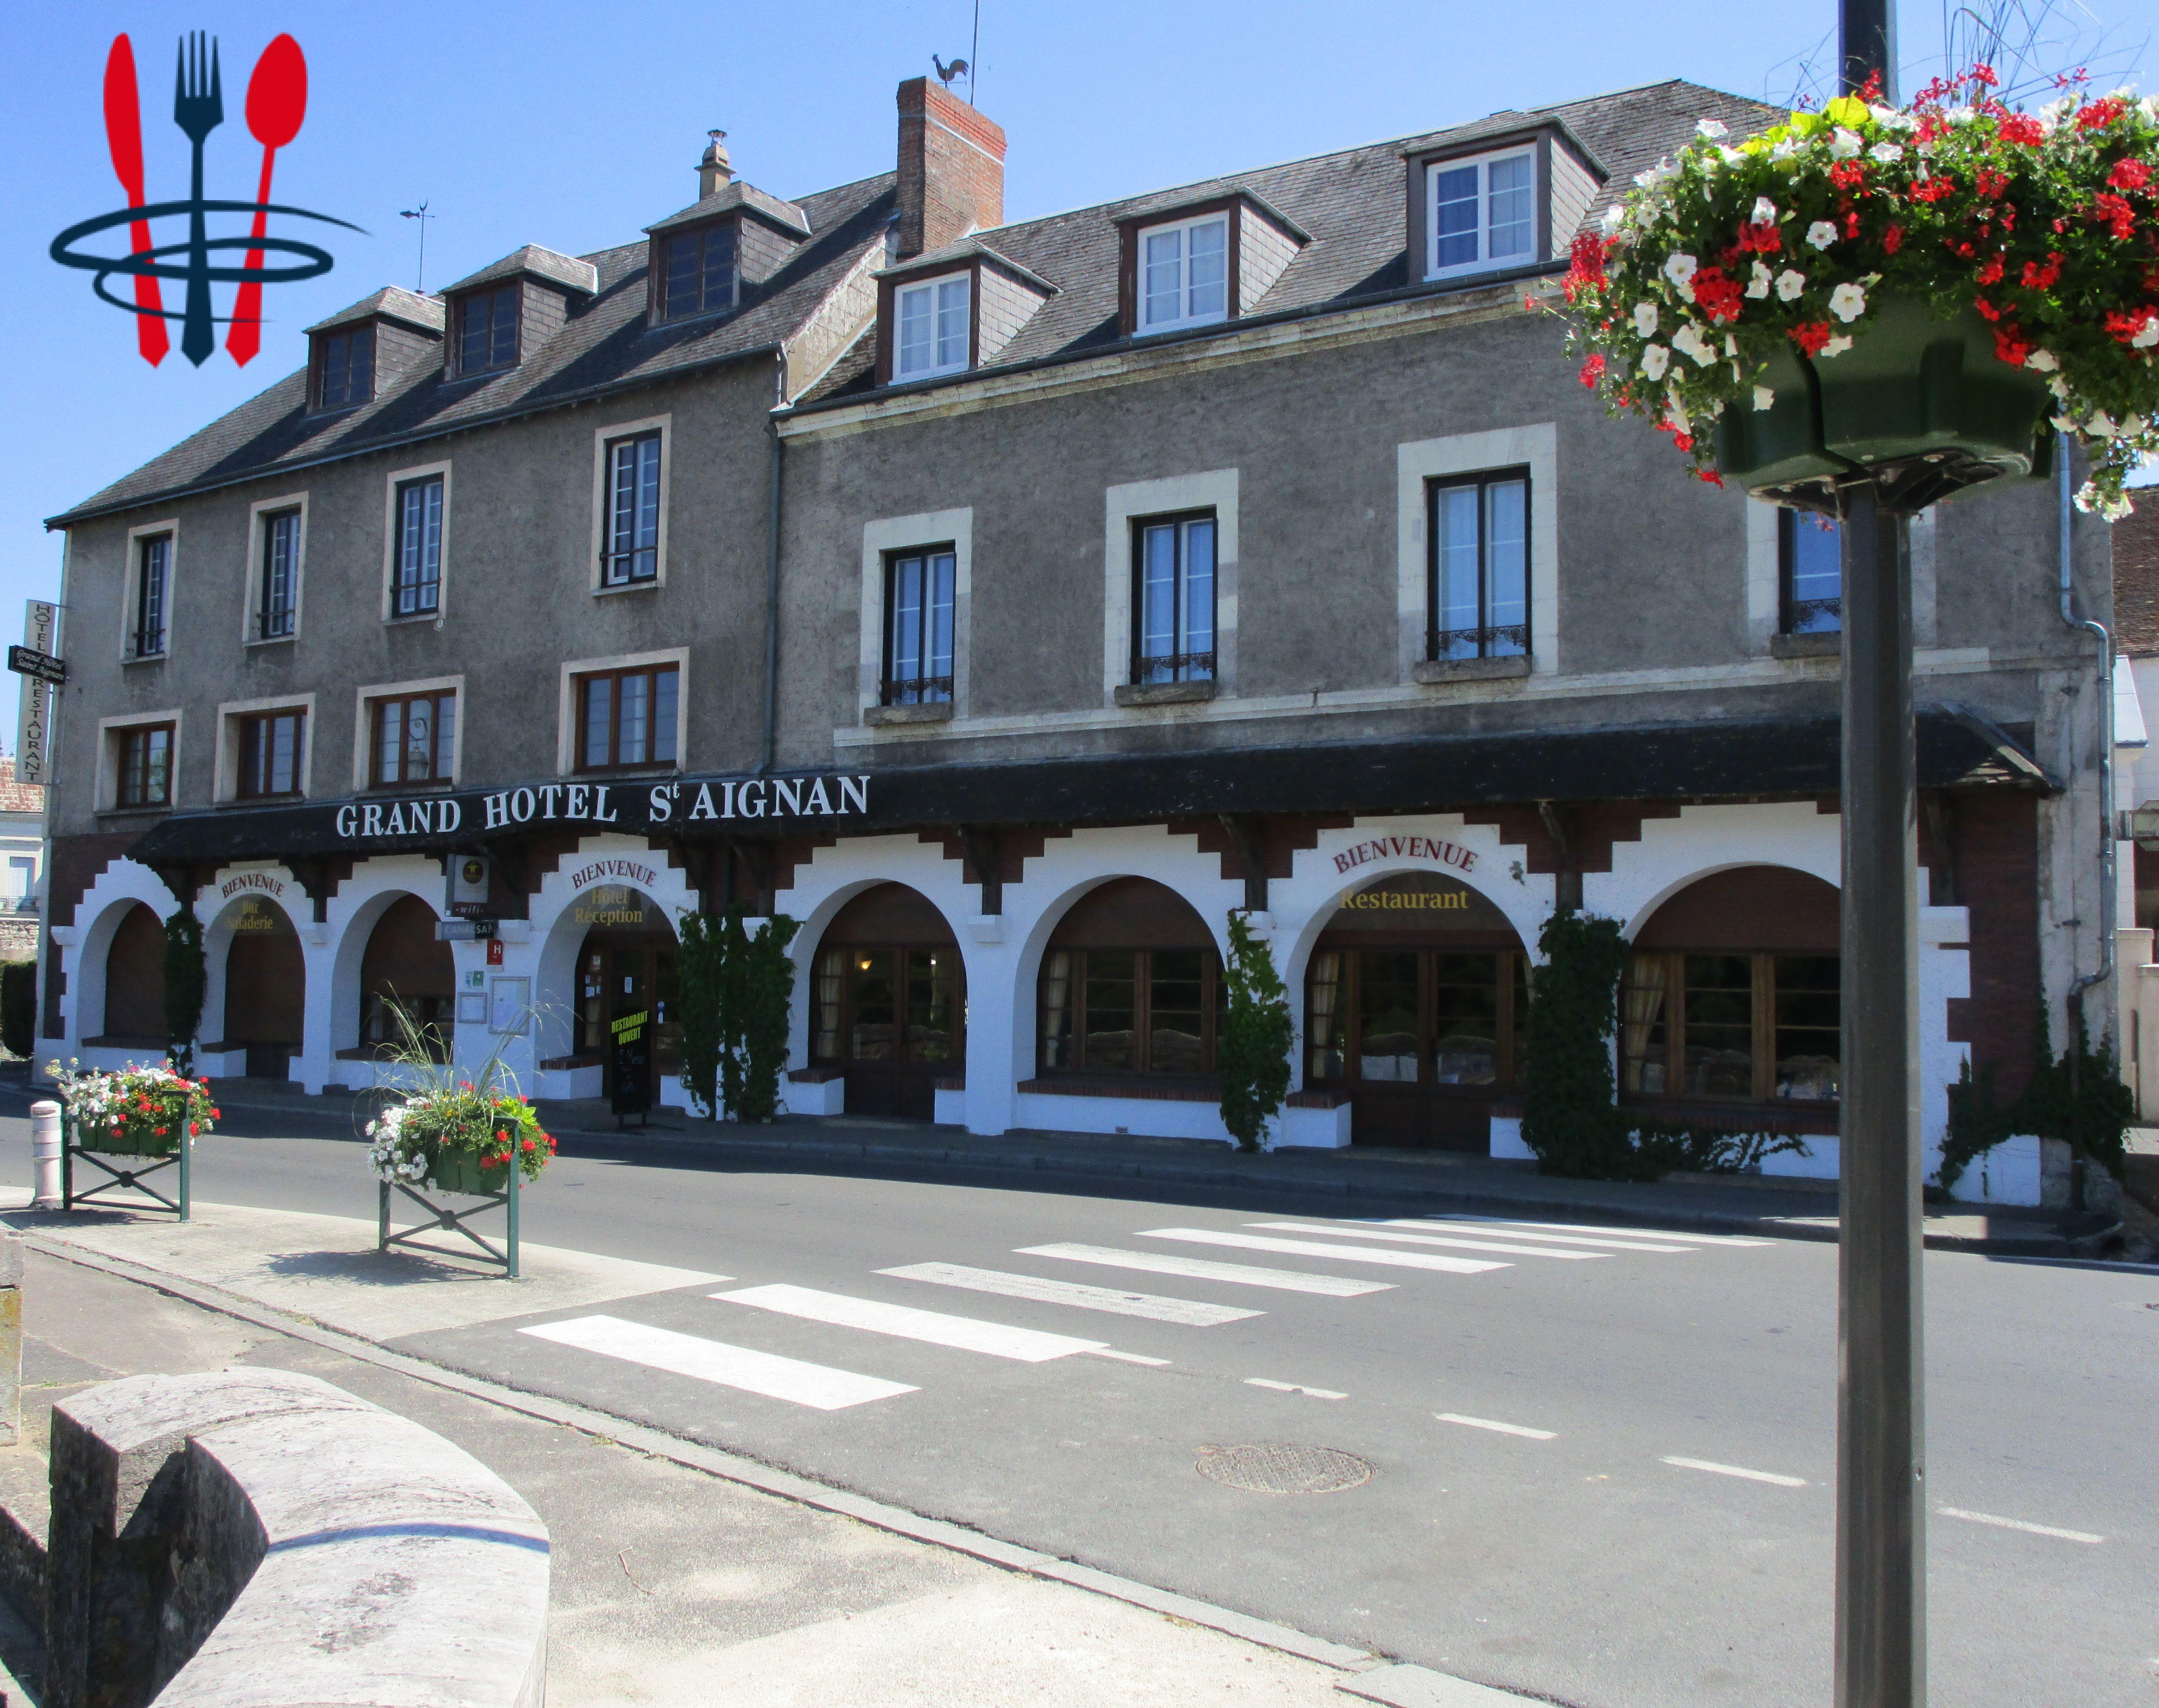 Vente Hôtel 2** 18 N°/Restaurant 50 places